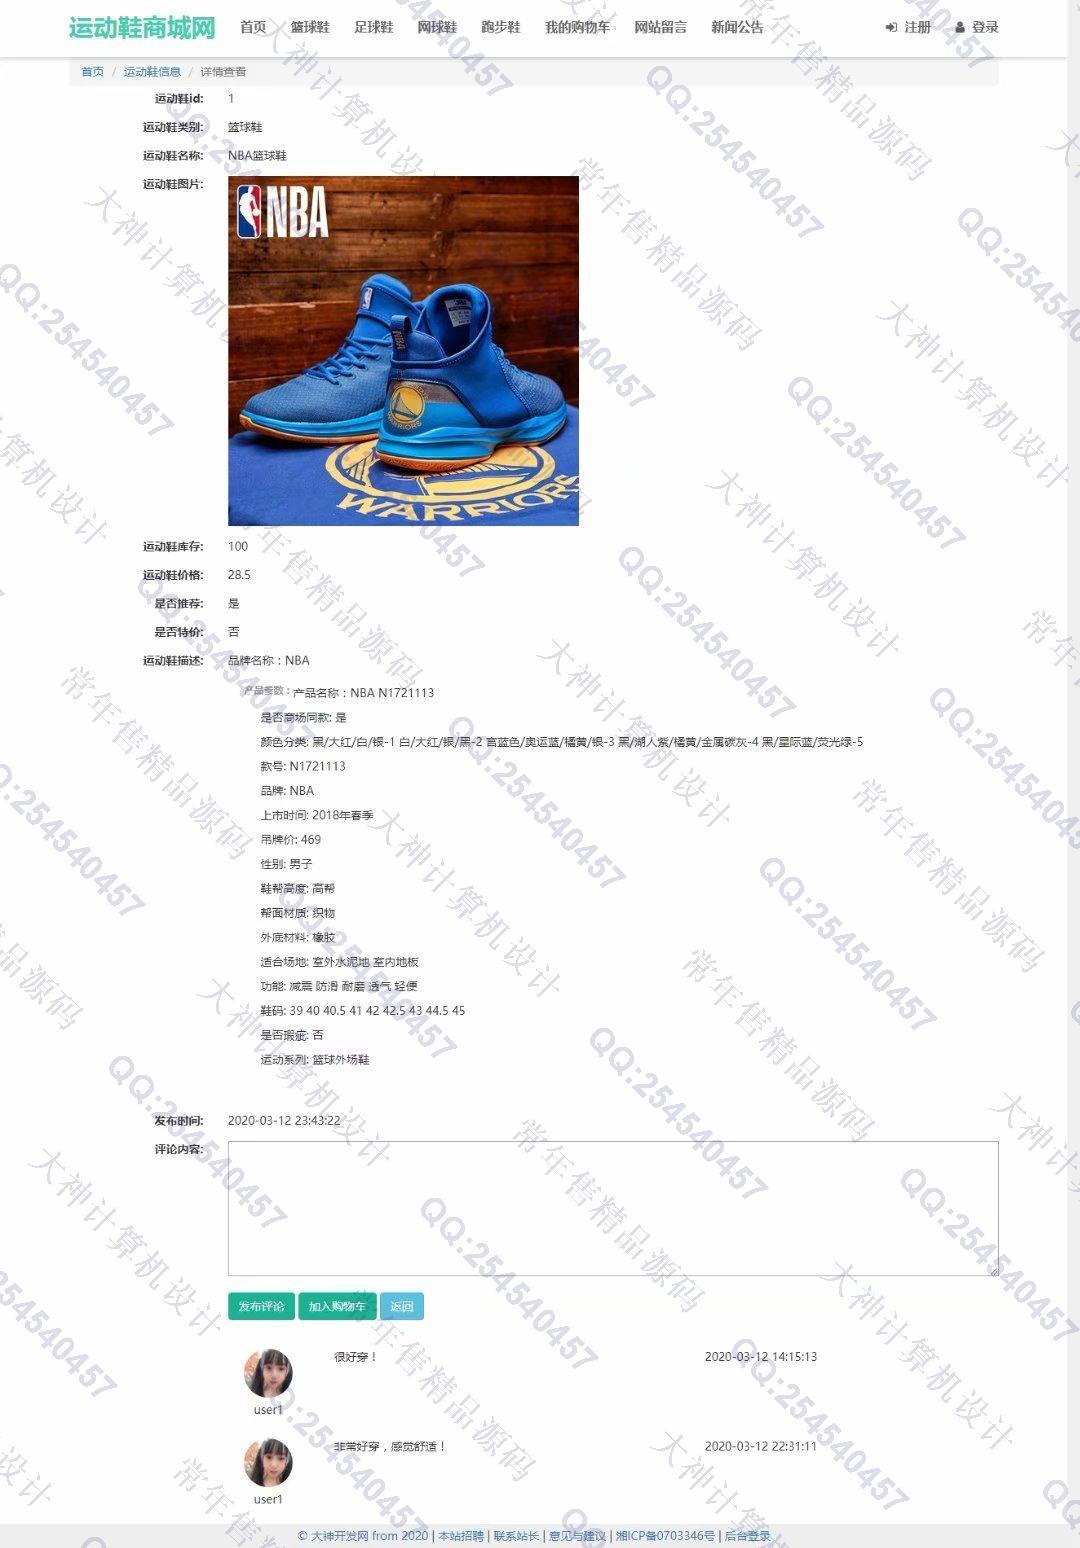 毕业论文课程设计源码实例-1191双鱼林JSP基于SSM运动鞋网上商城购物网站设计带文档【需定制】可升级SpringBoot截图